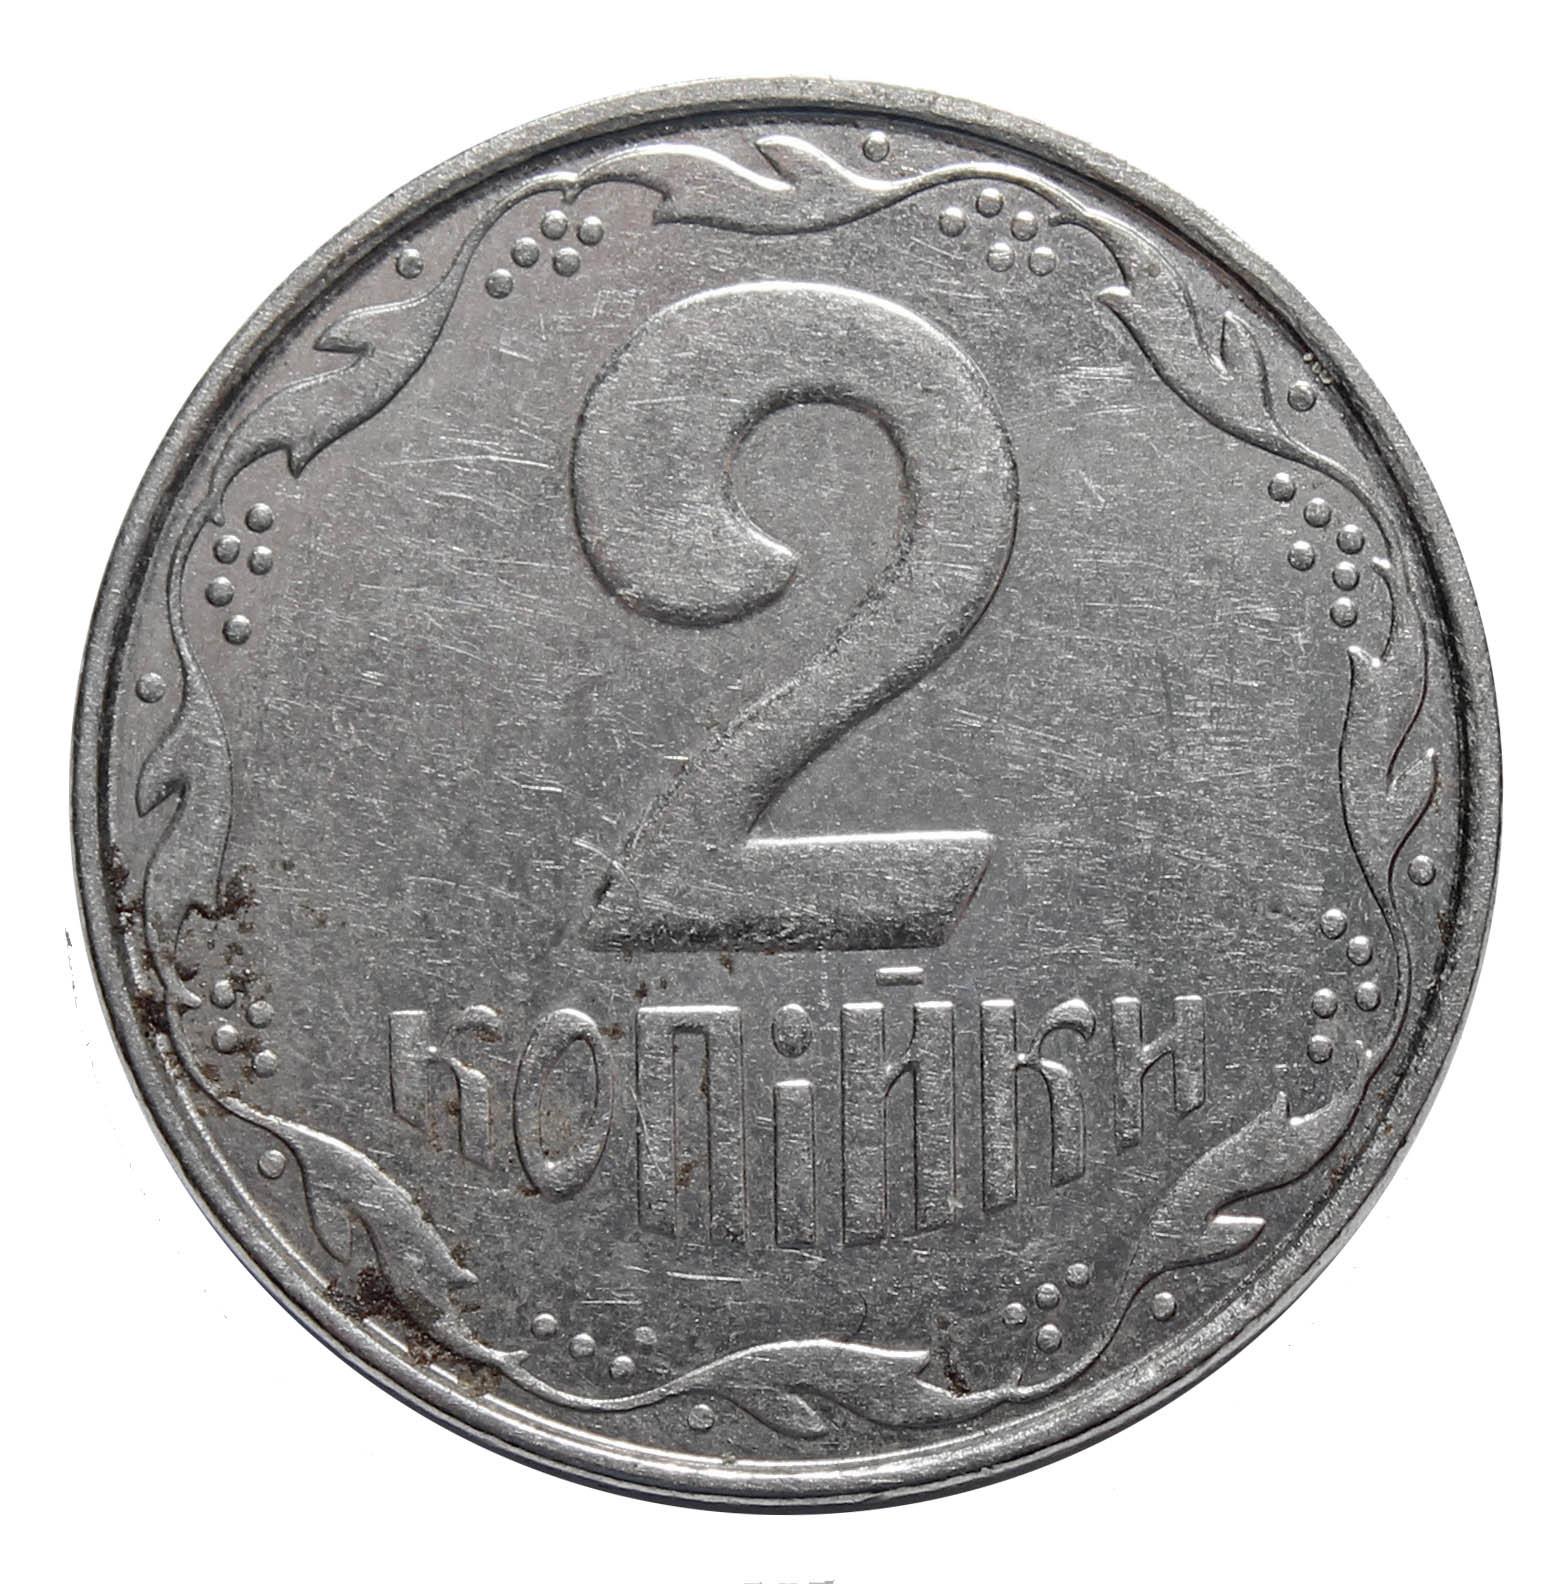 2 копейки. Украина. 1992-2012 гг. (случайный год). Уценка № 2 XF